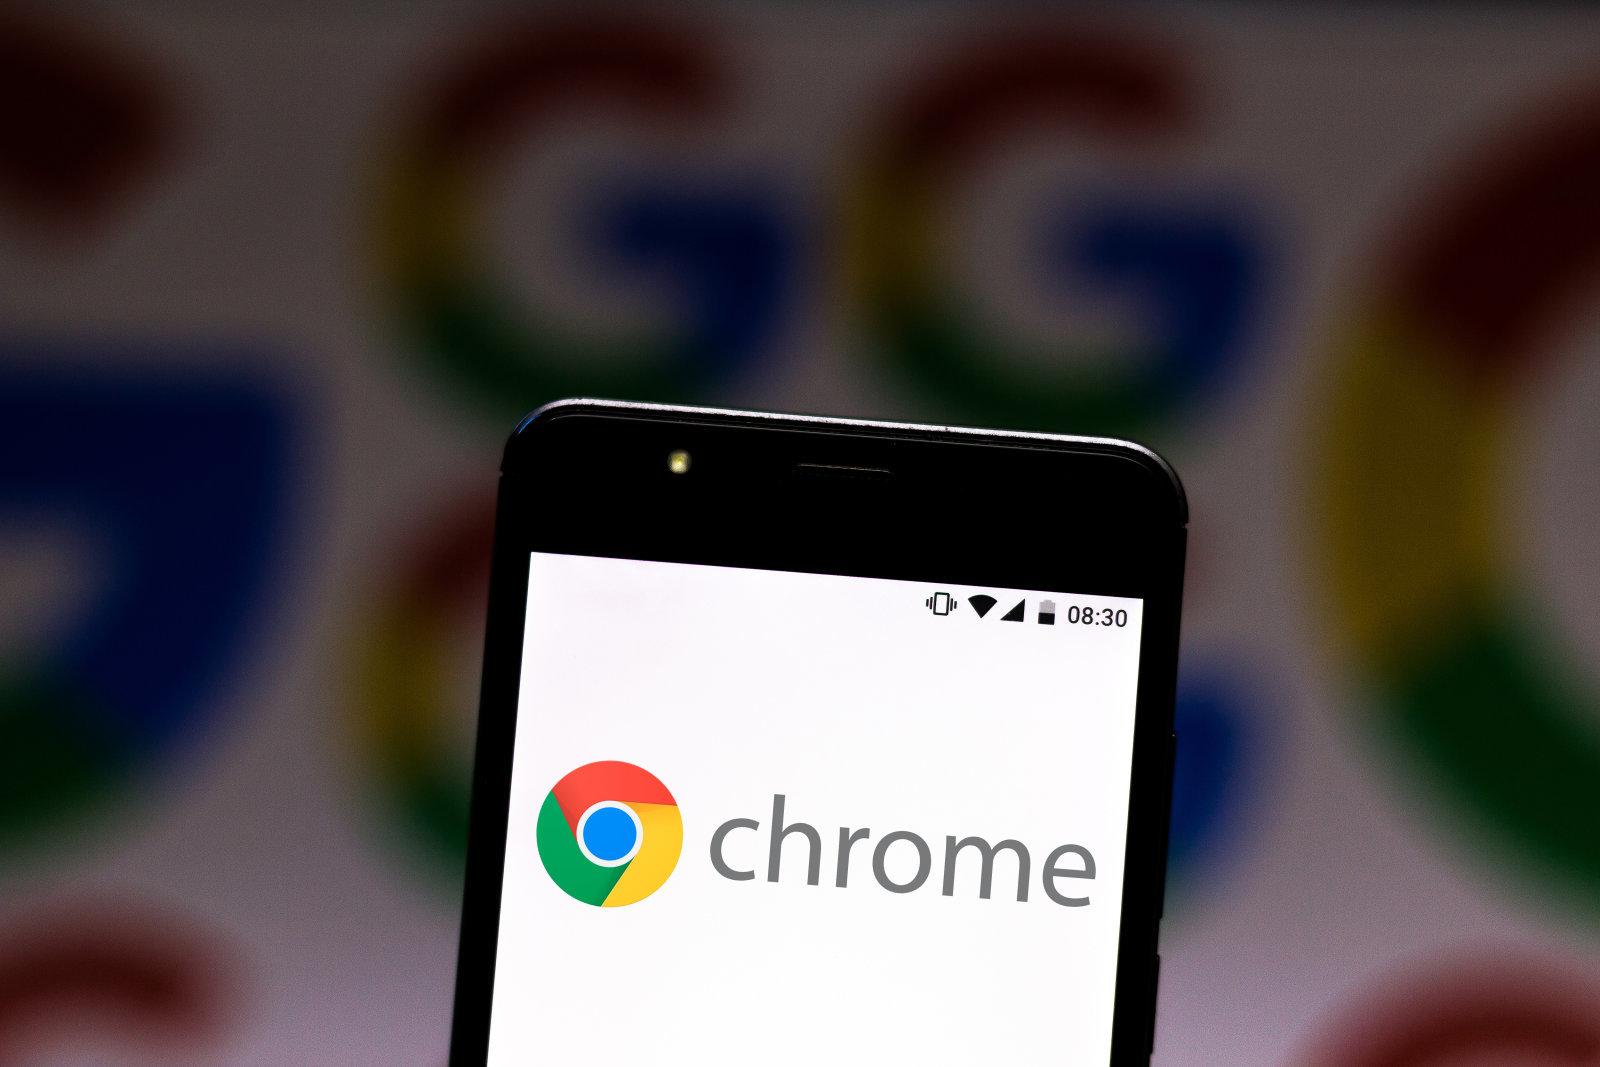 谷歌为Chrome新增AR支持,将带来升级的互动体验